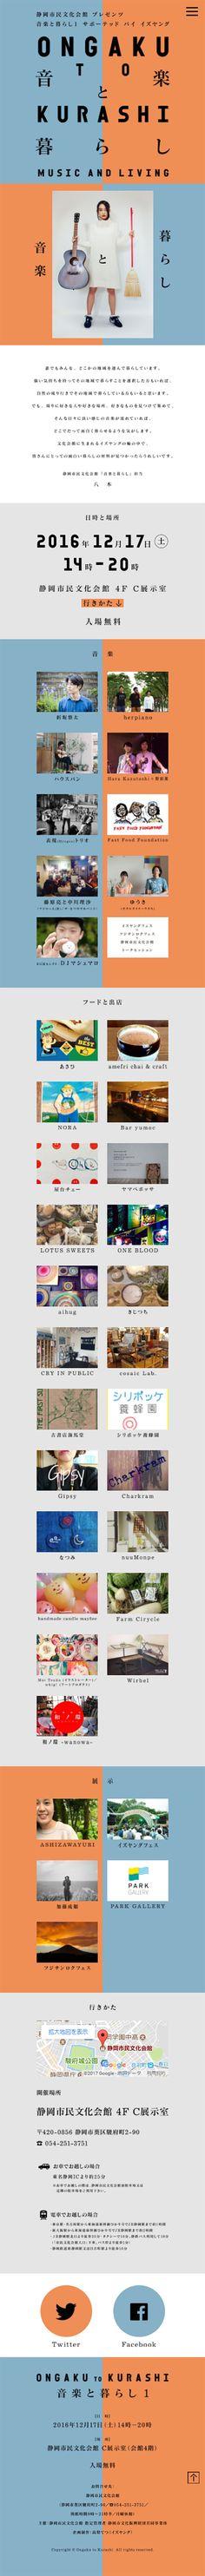 静岡市民文化会館様の「音楽と暮らし1」のスマホランディングページ(LP)シンプル系|イベント・キャンペーン・体験 #LP #ランディングページ #ランペ #音楽と暮らし1